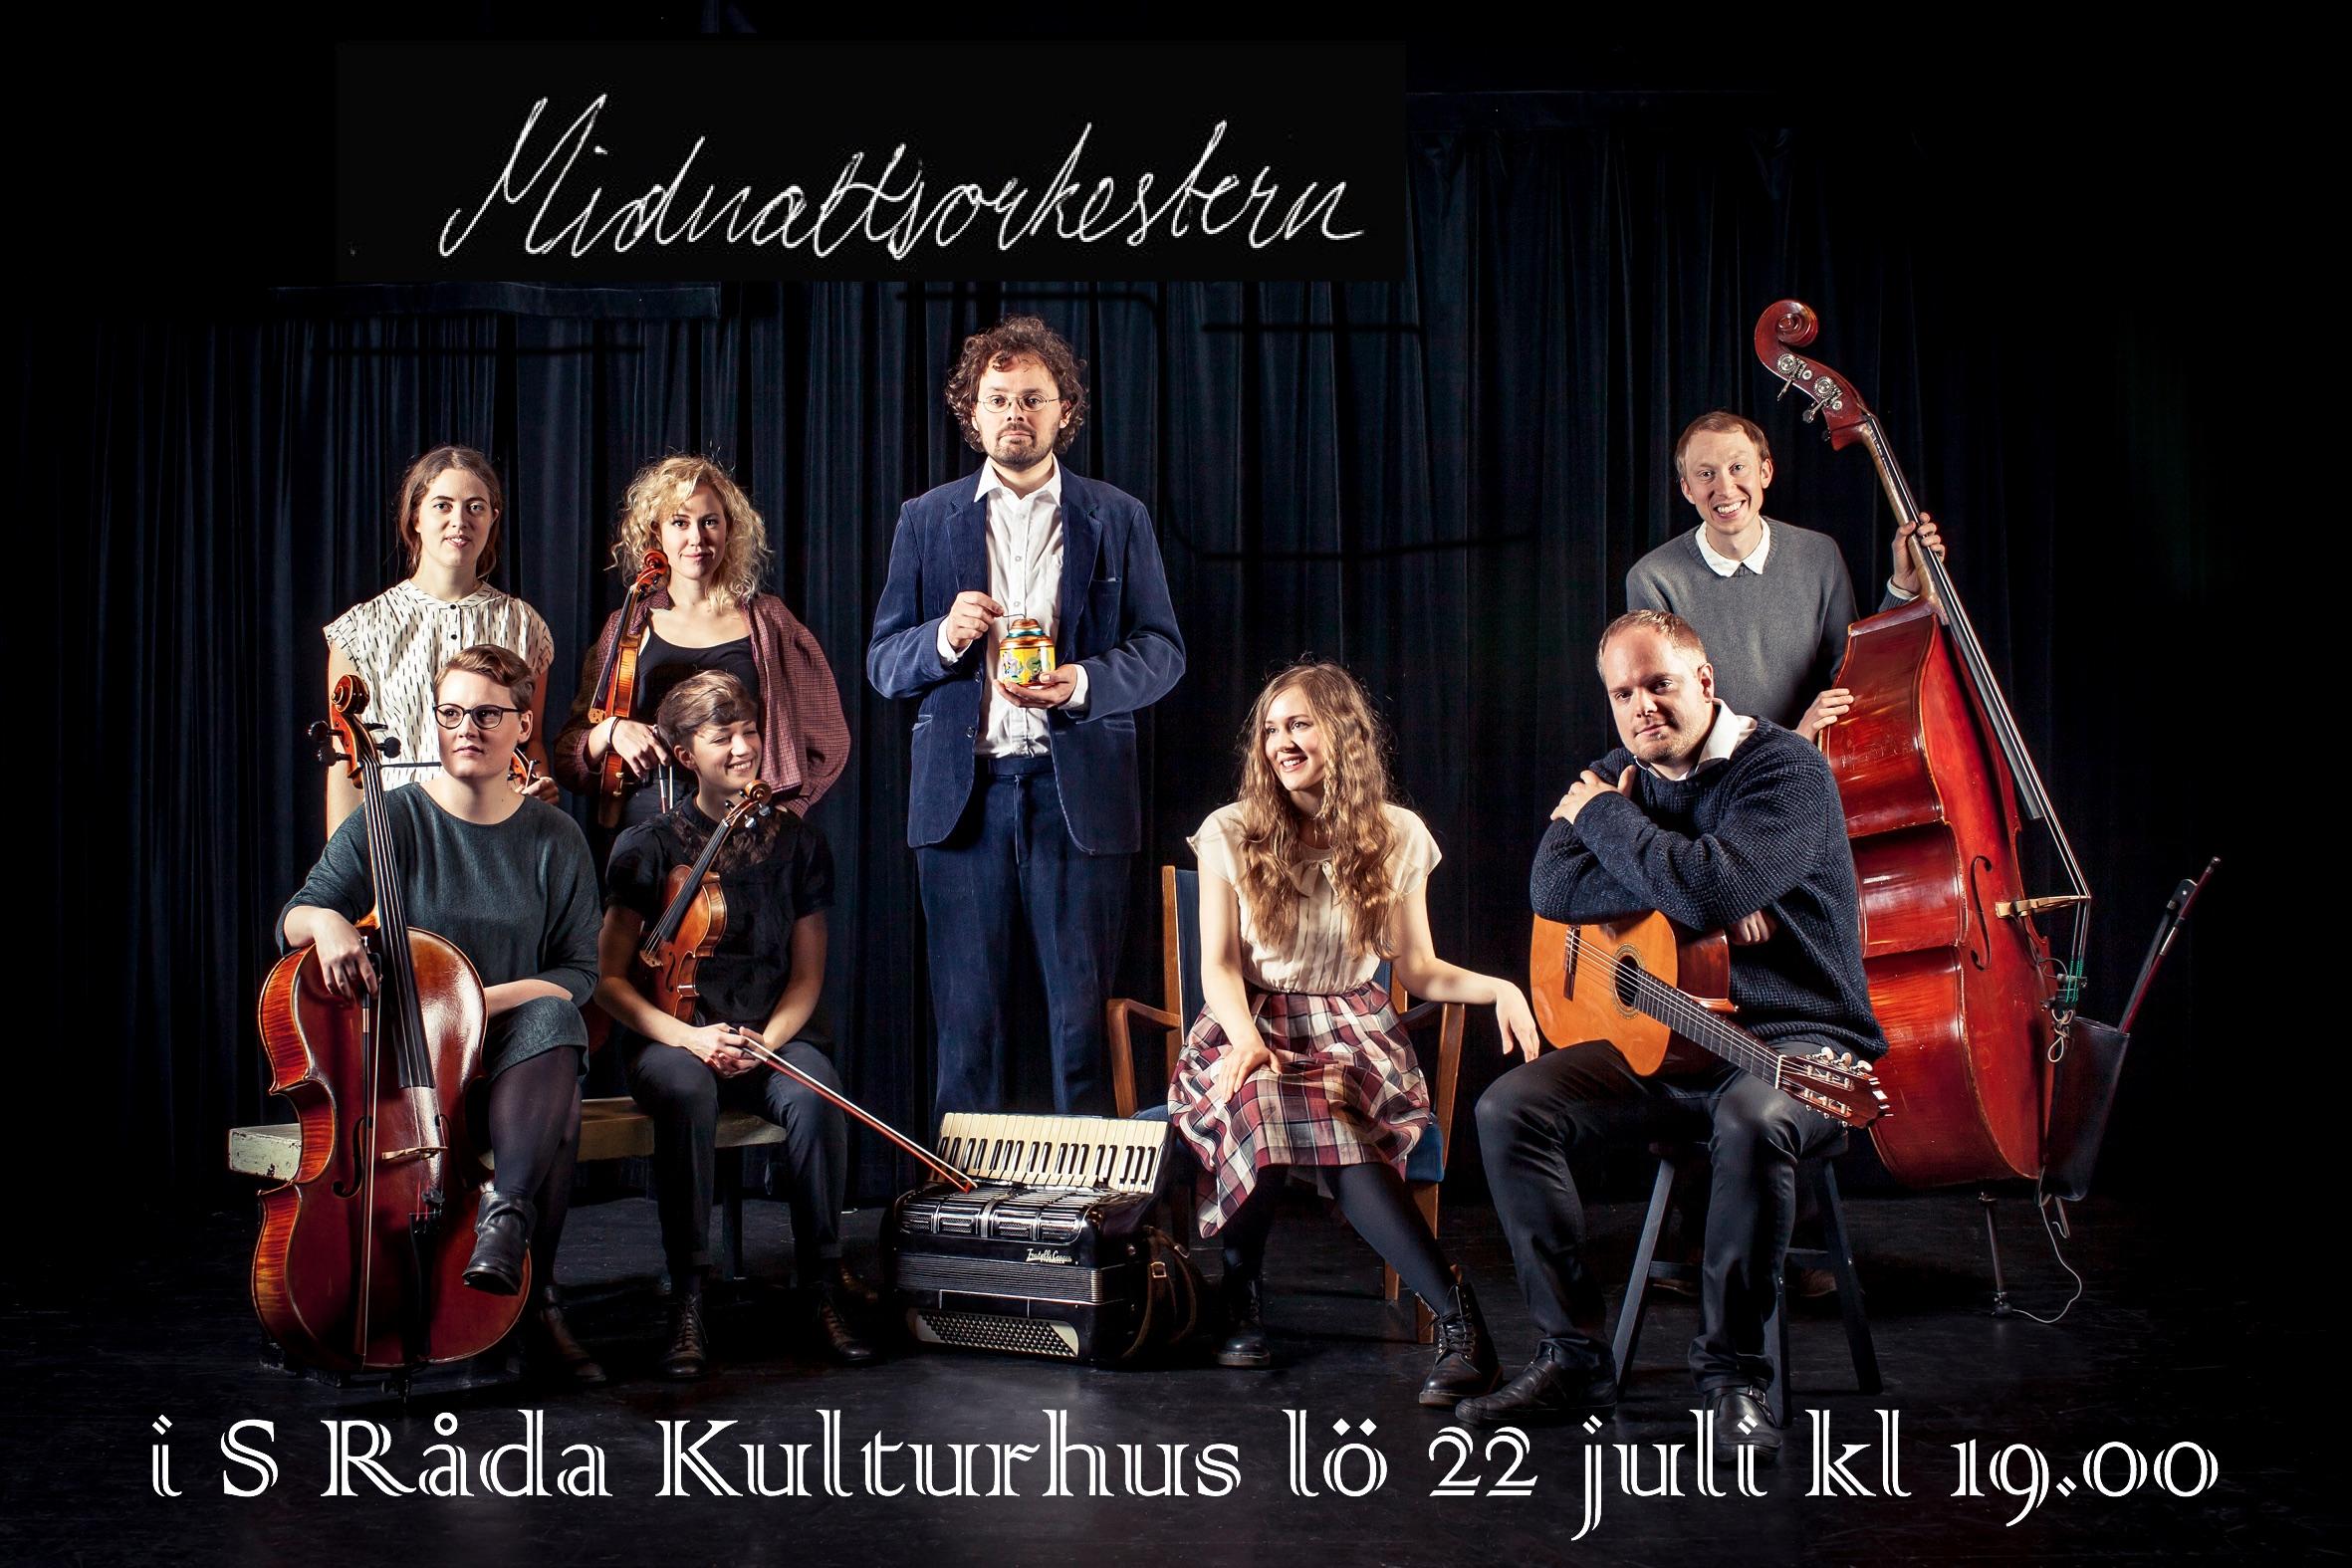 Midnattsorkestern kommer tillbaka till S Råda Kulturhus 25 juli 2019